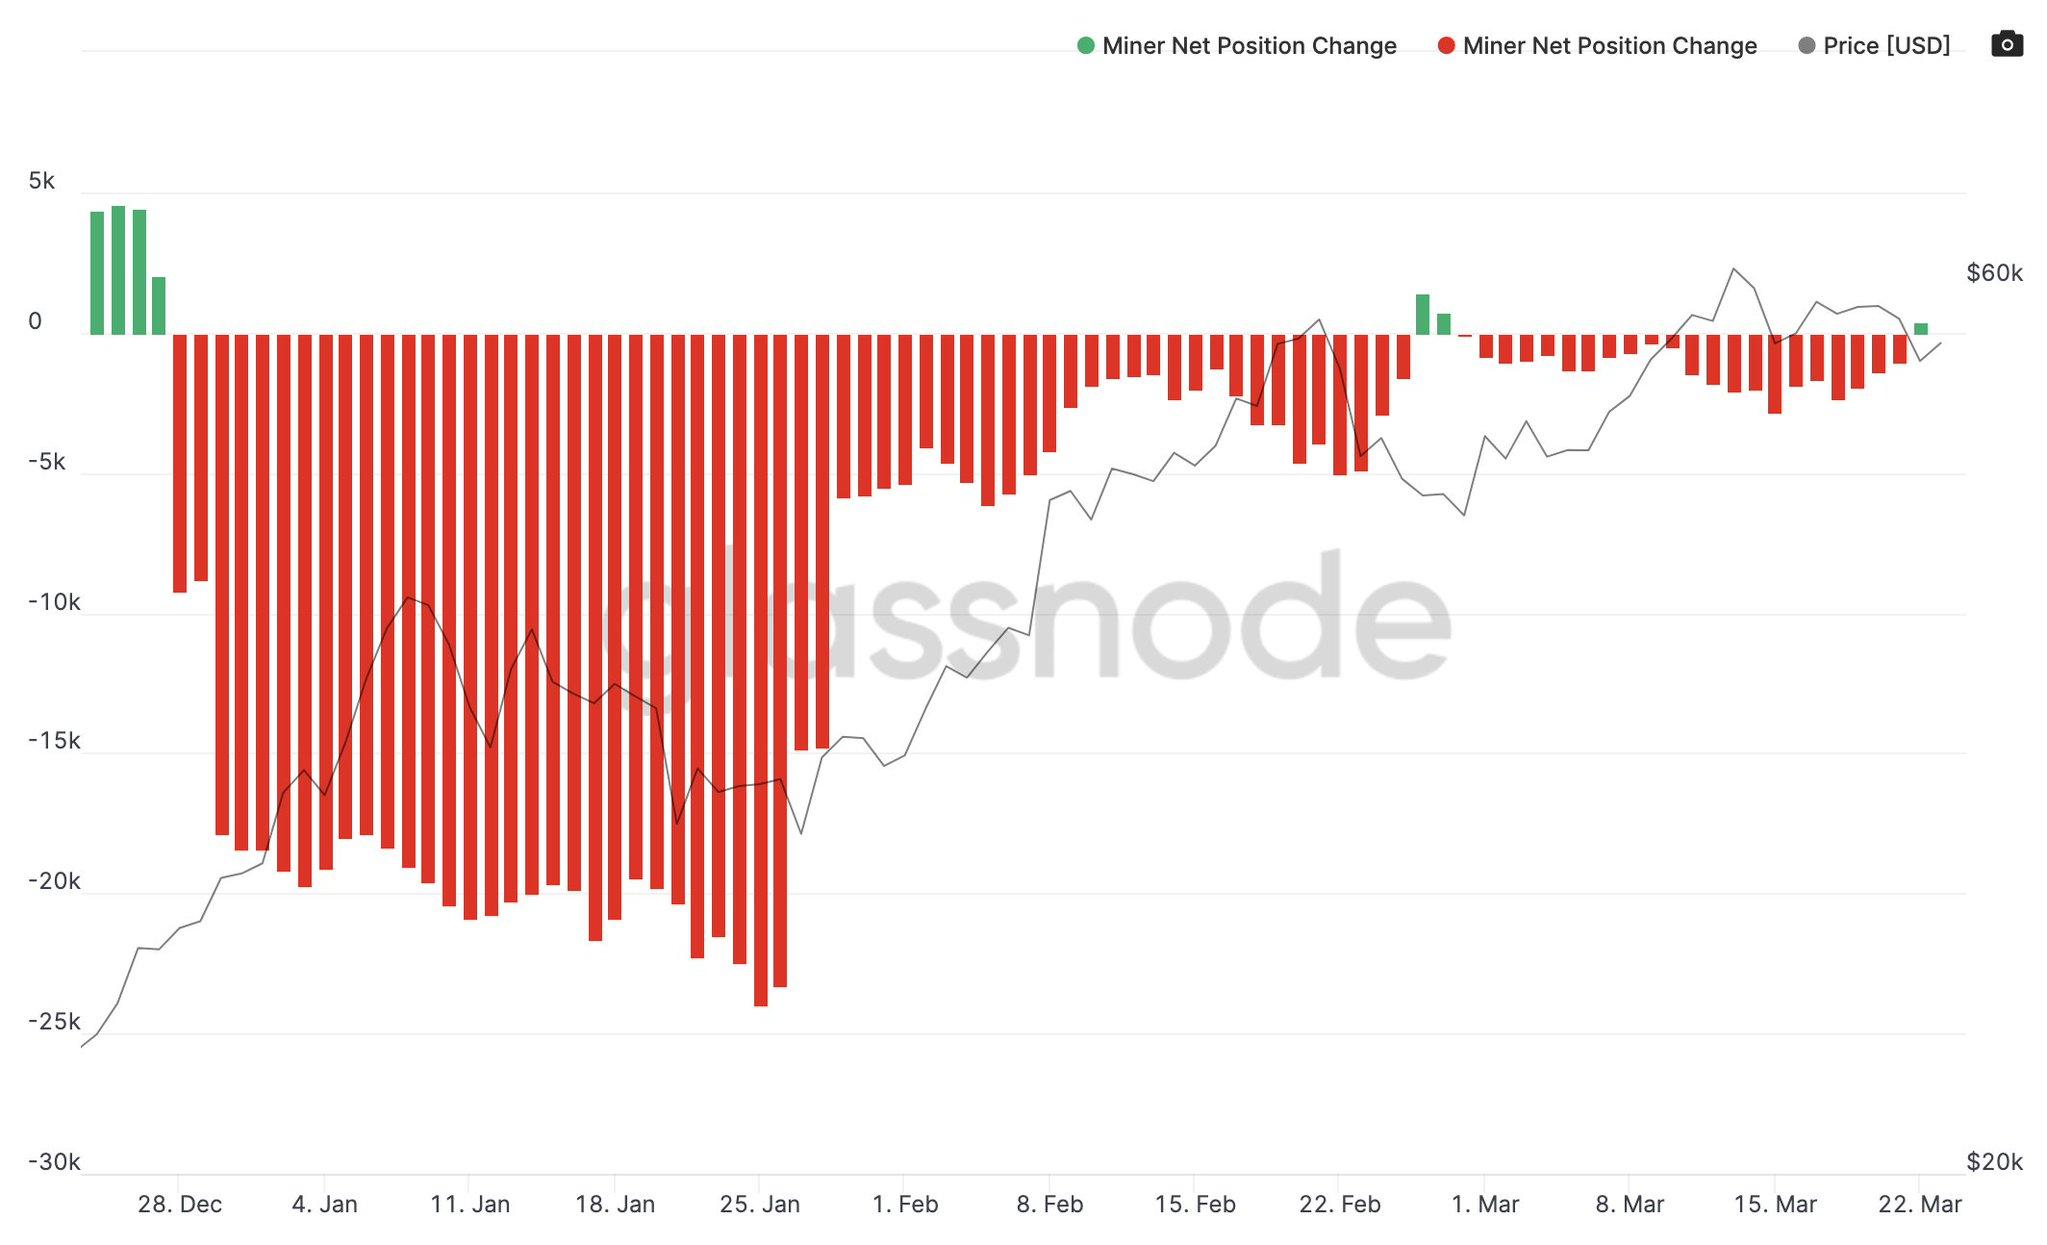 Grafico delle posizioni nette dei miner di Bitcoin